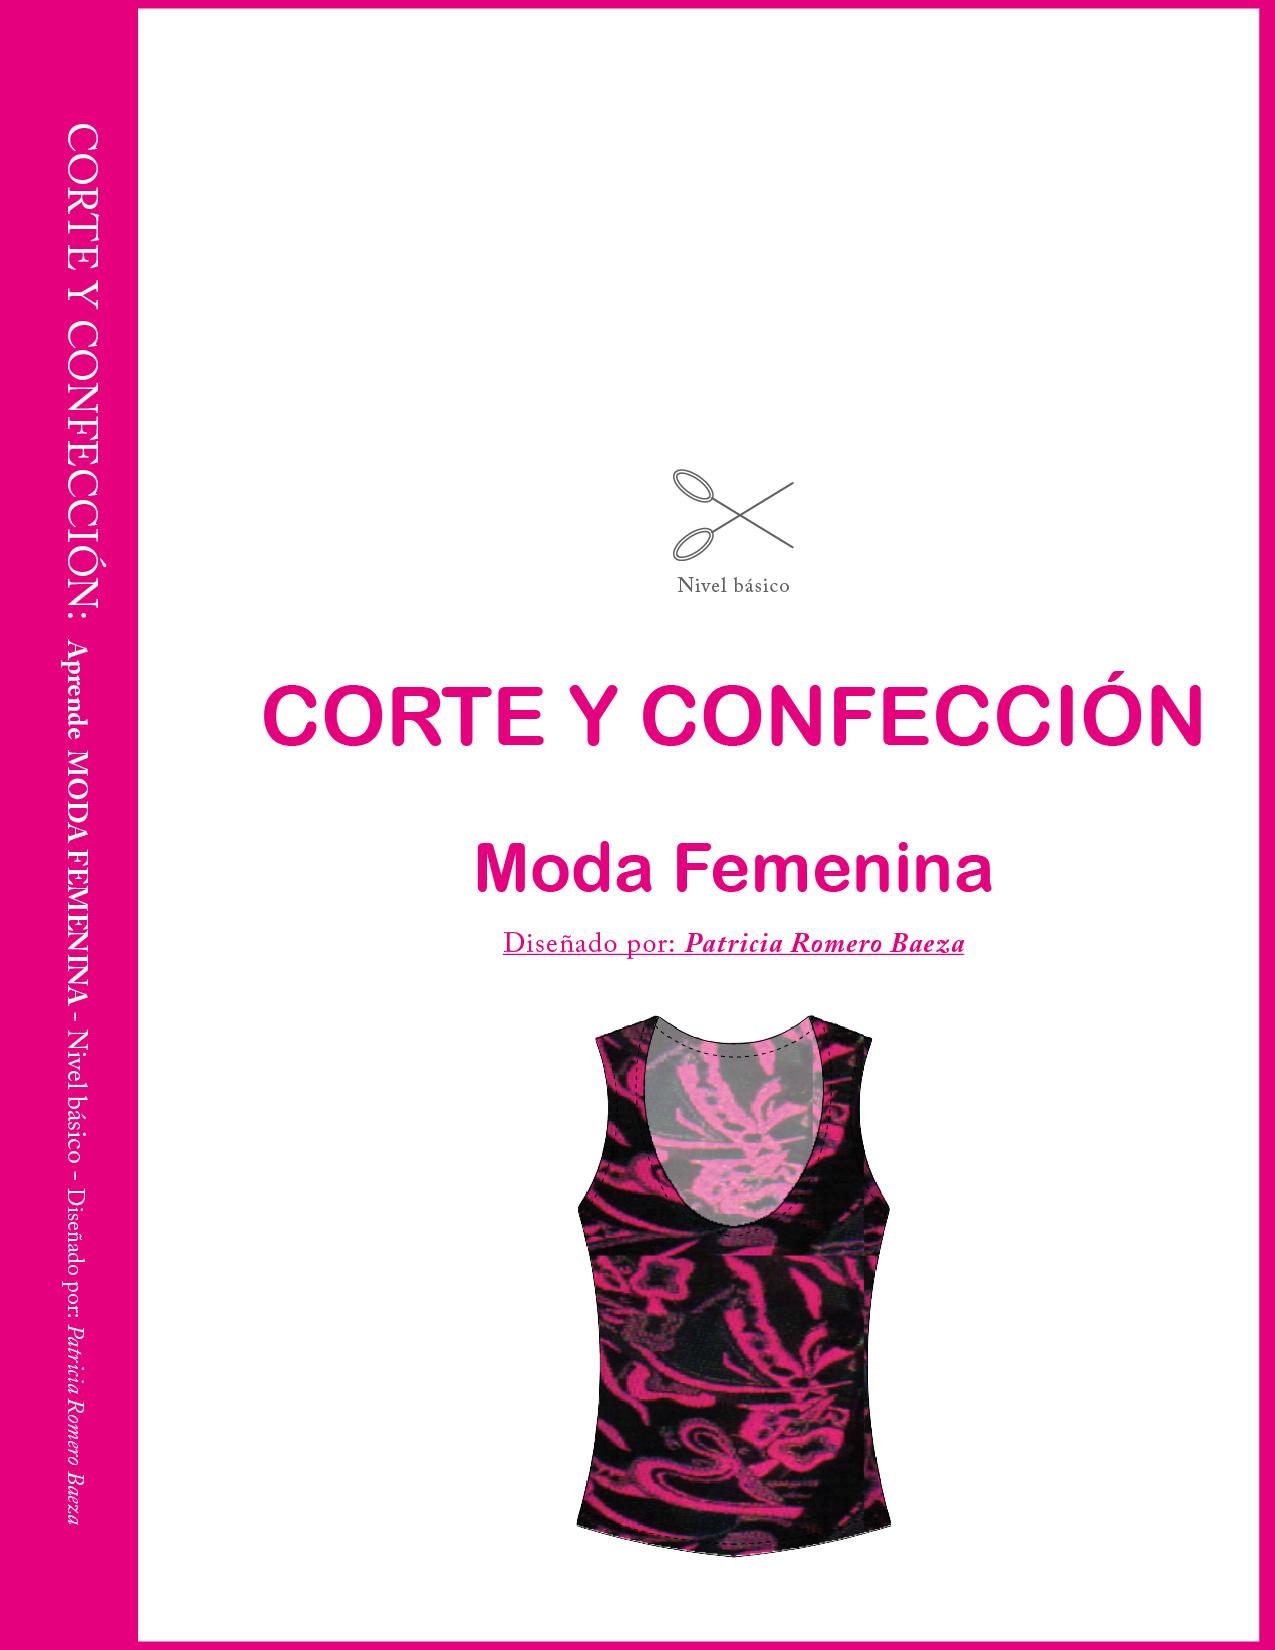 LIBRO: Corte y Confección Moda Femenina IMPRESO